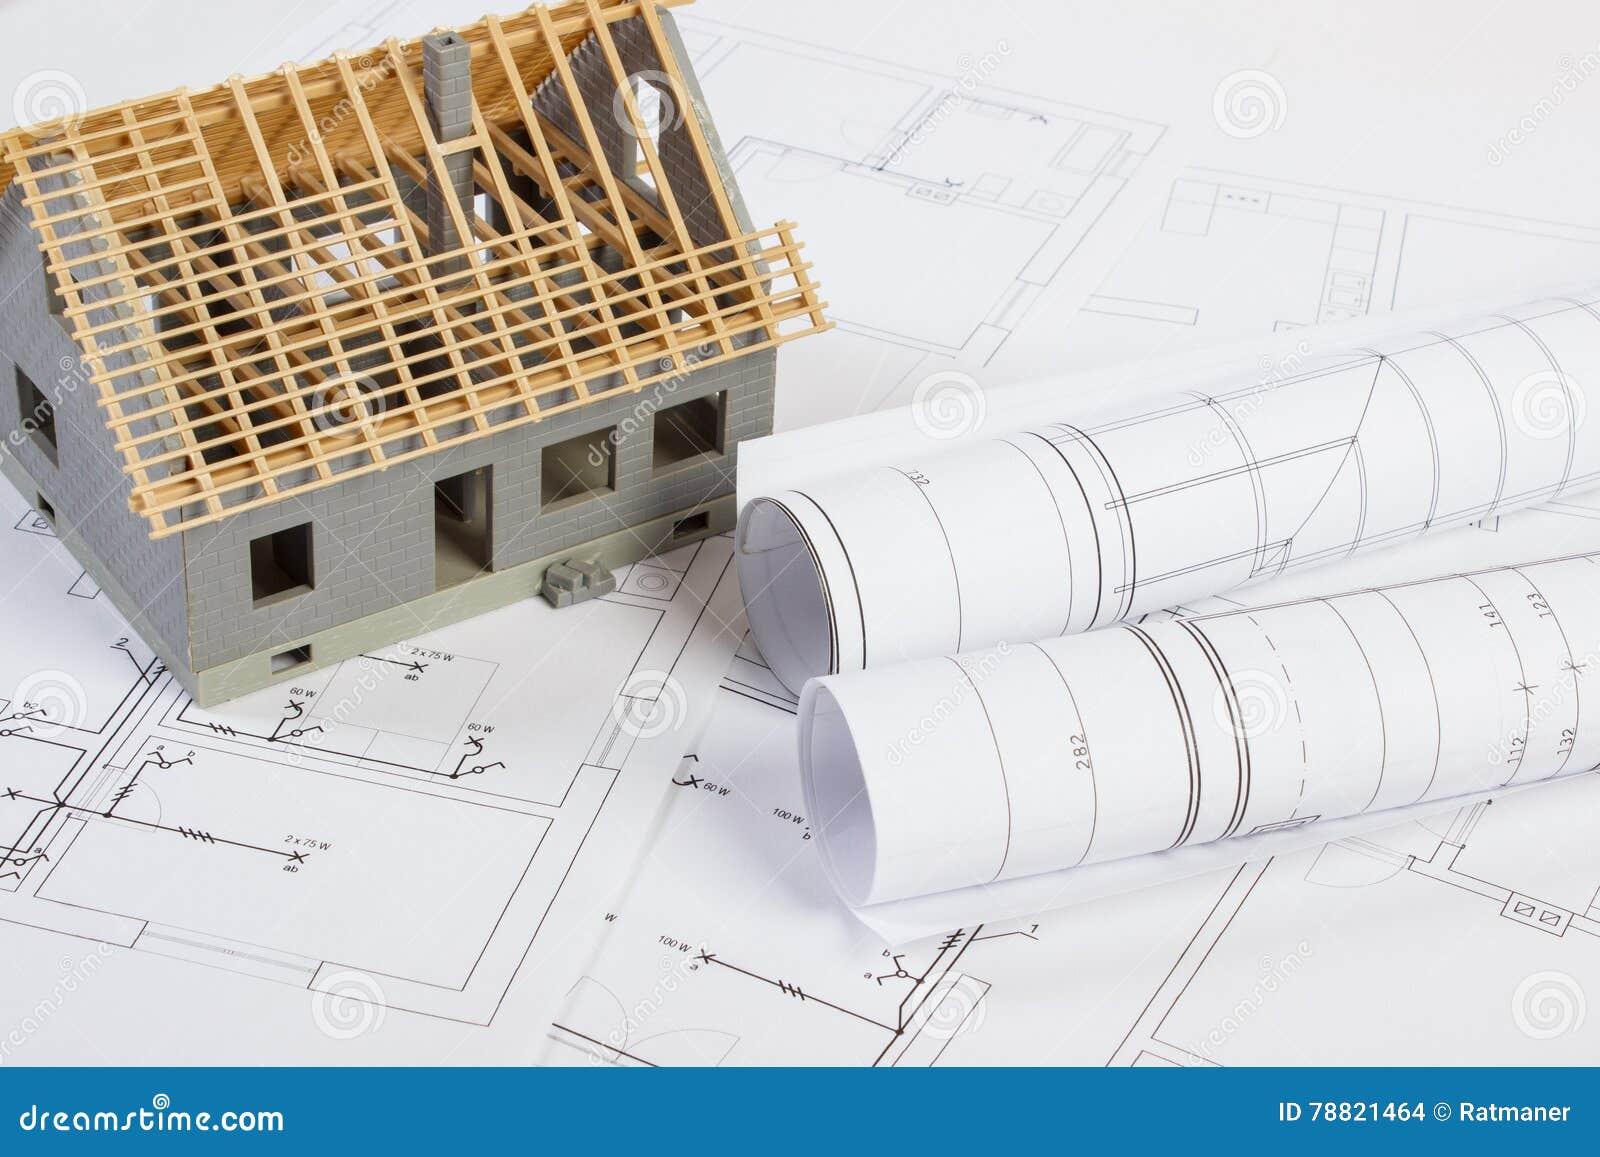 Ziemlich Elektrische Verkabelung Eines Hauses Diagramme Bilder ...